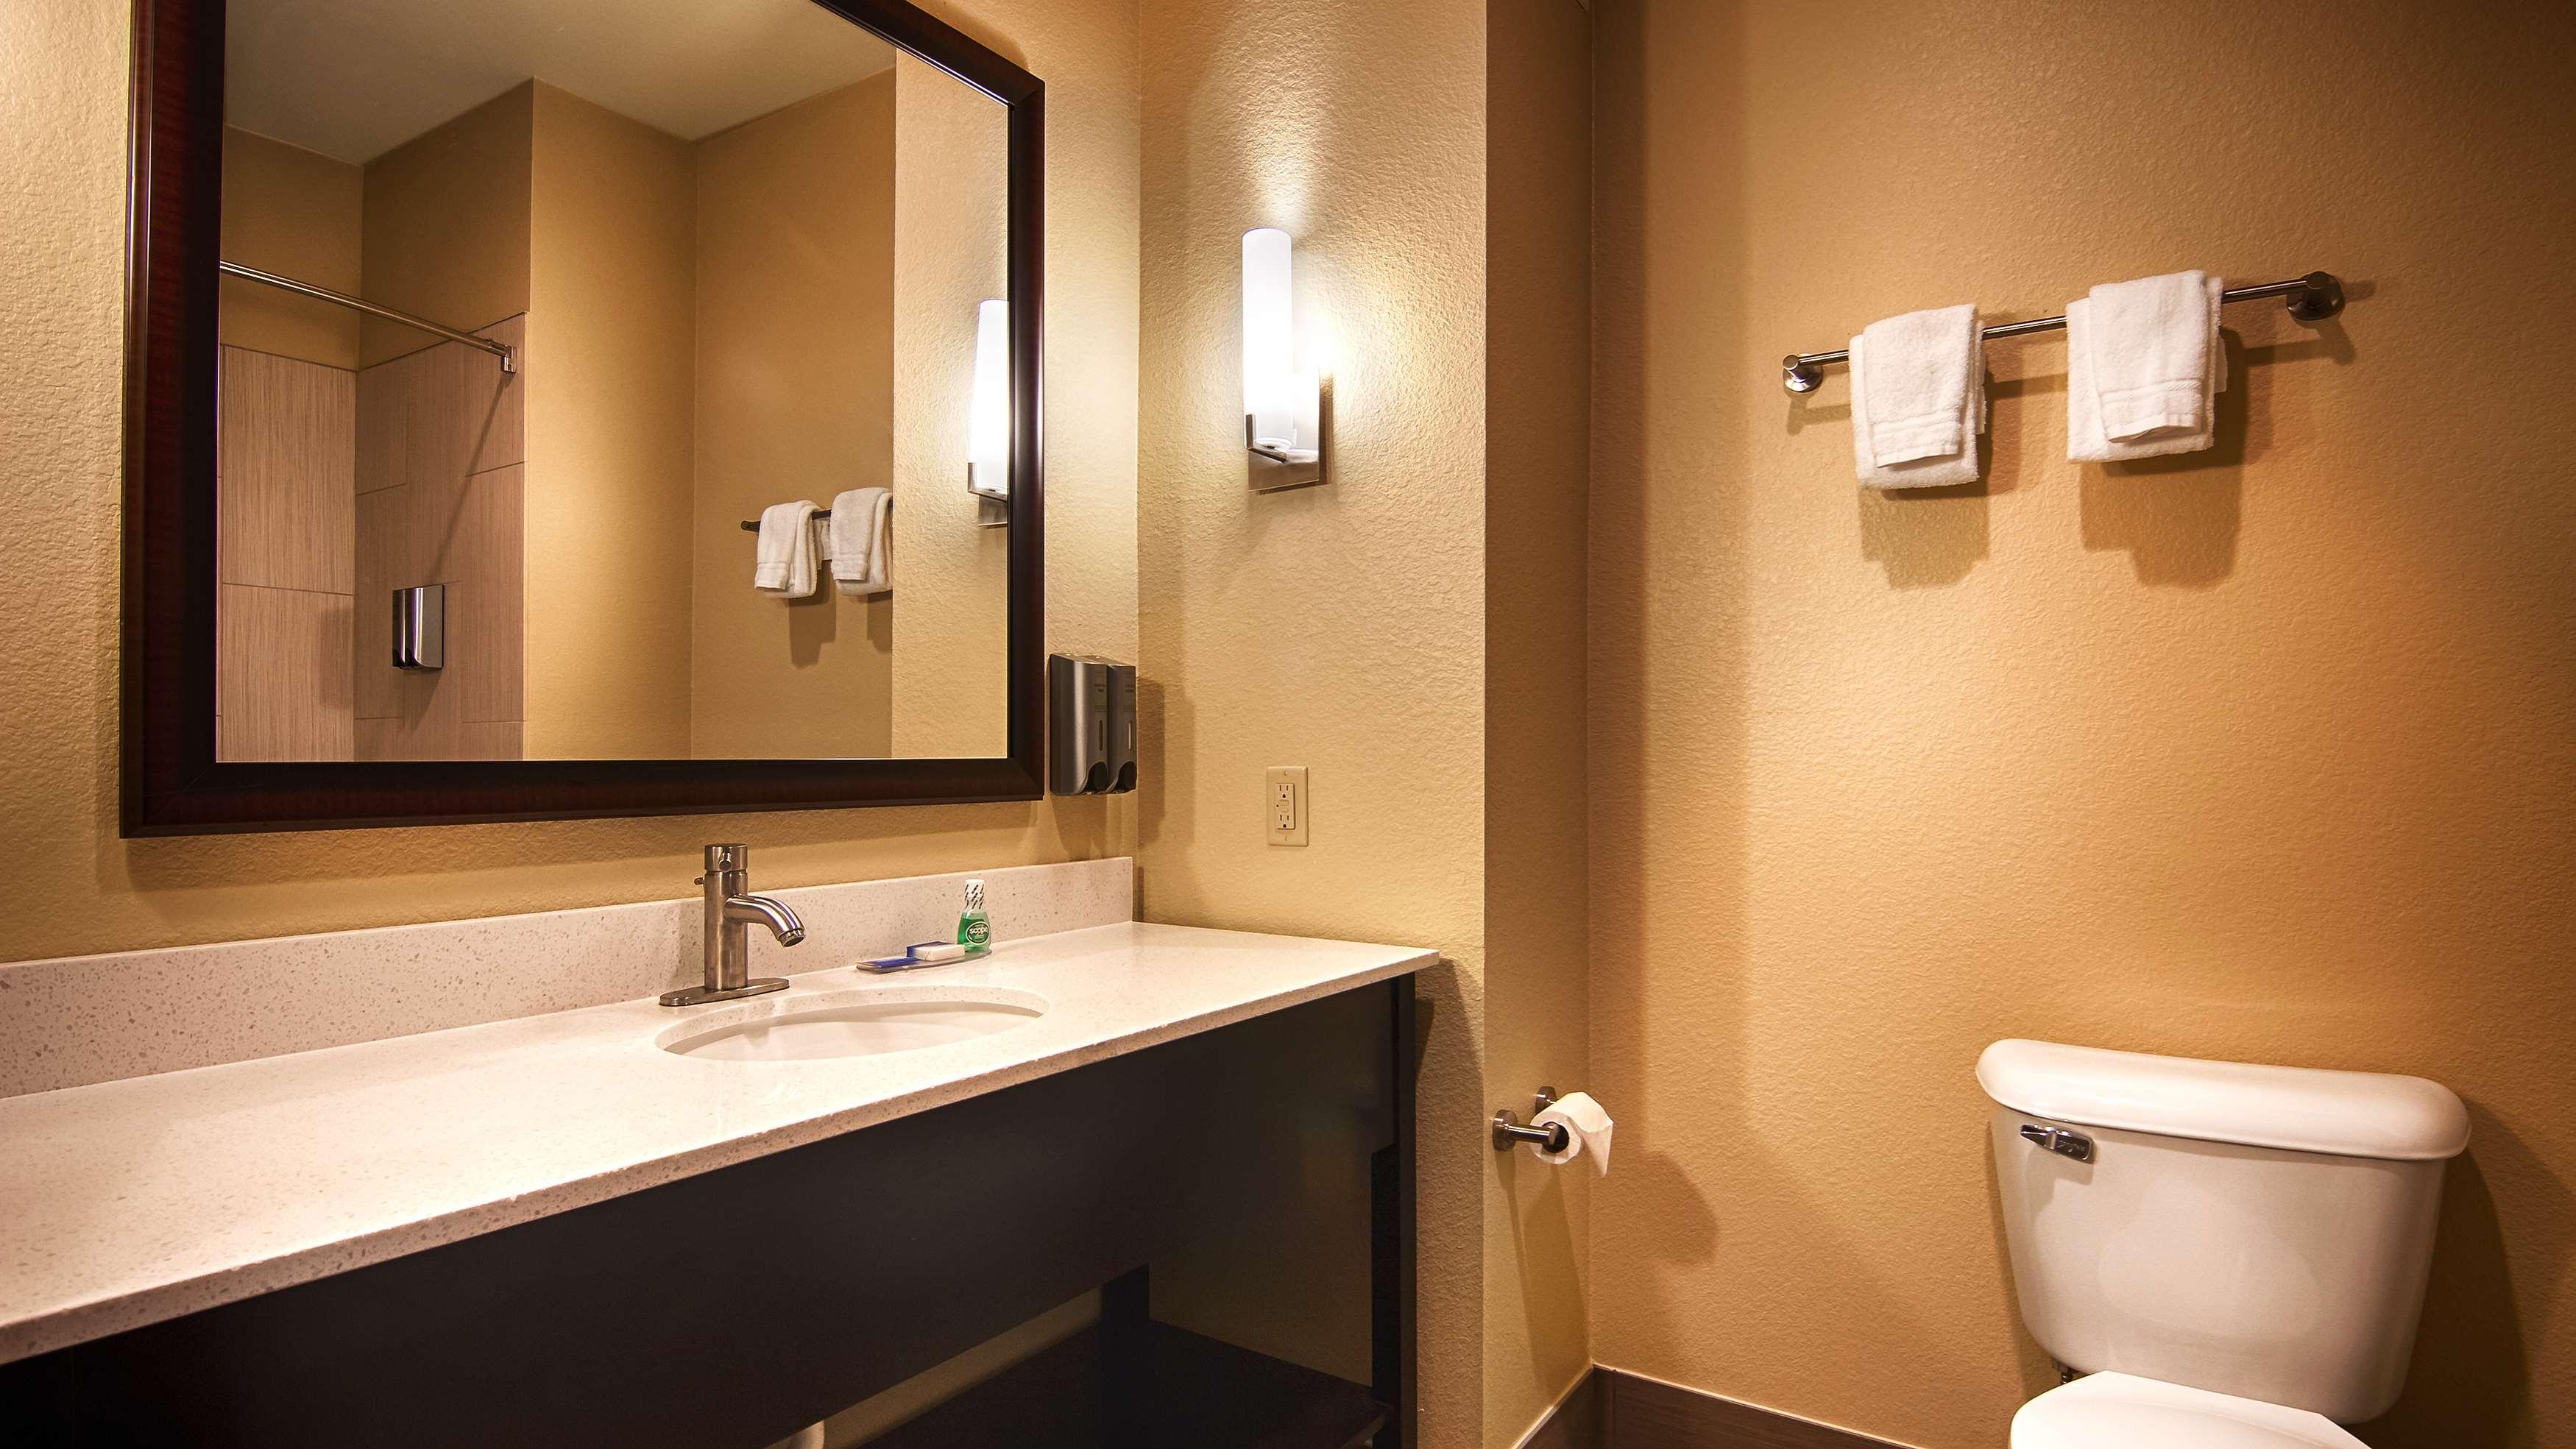 Best Western Lindsay Inn & Suites image 16